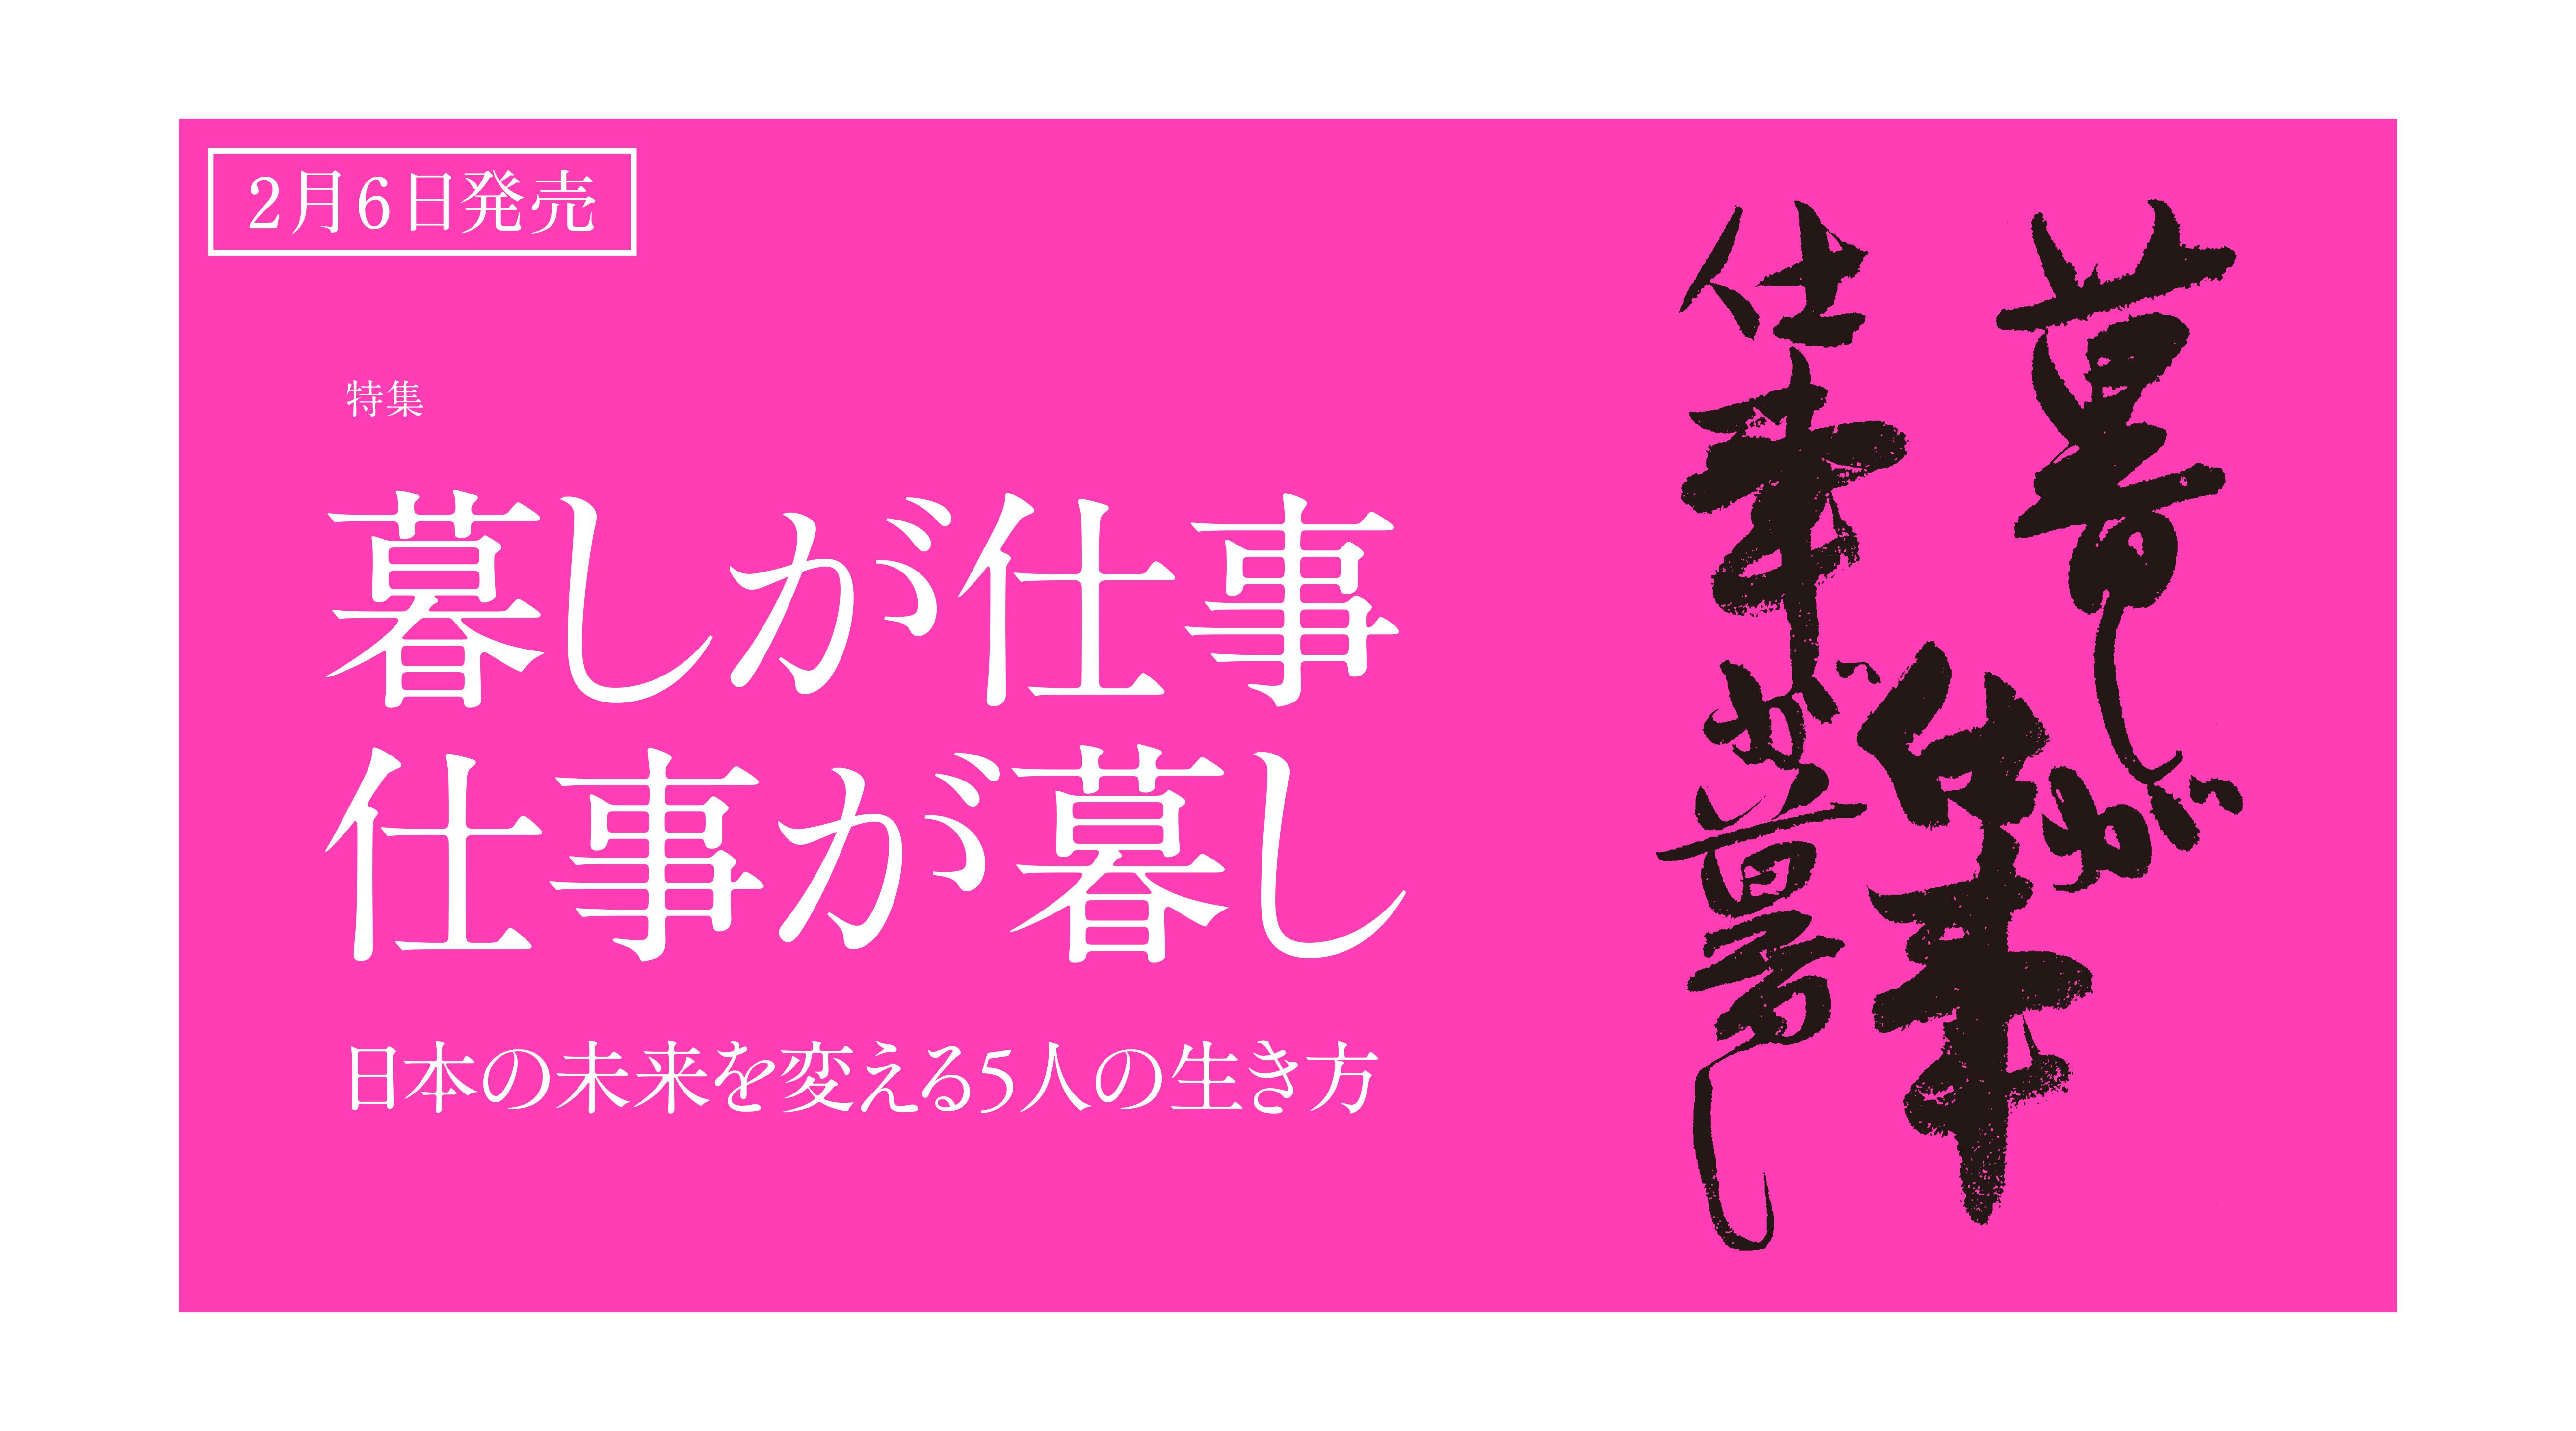 特集:暮しが仕事 仕事が暮し<br/>―日本の未来を変える5人の生き方―<br/>Discover Japan3月号発売中です!